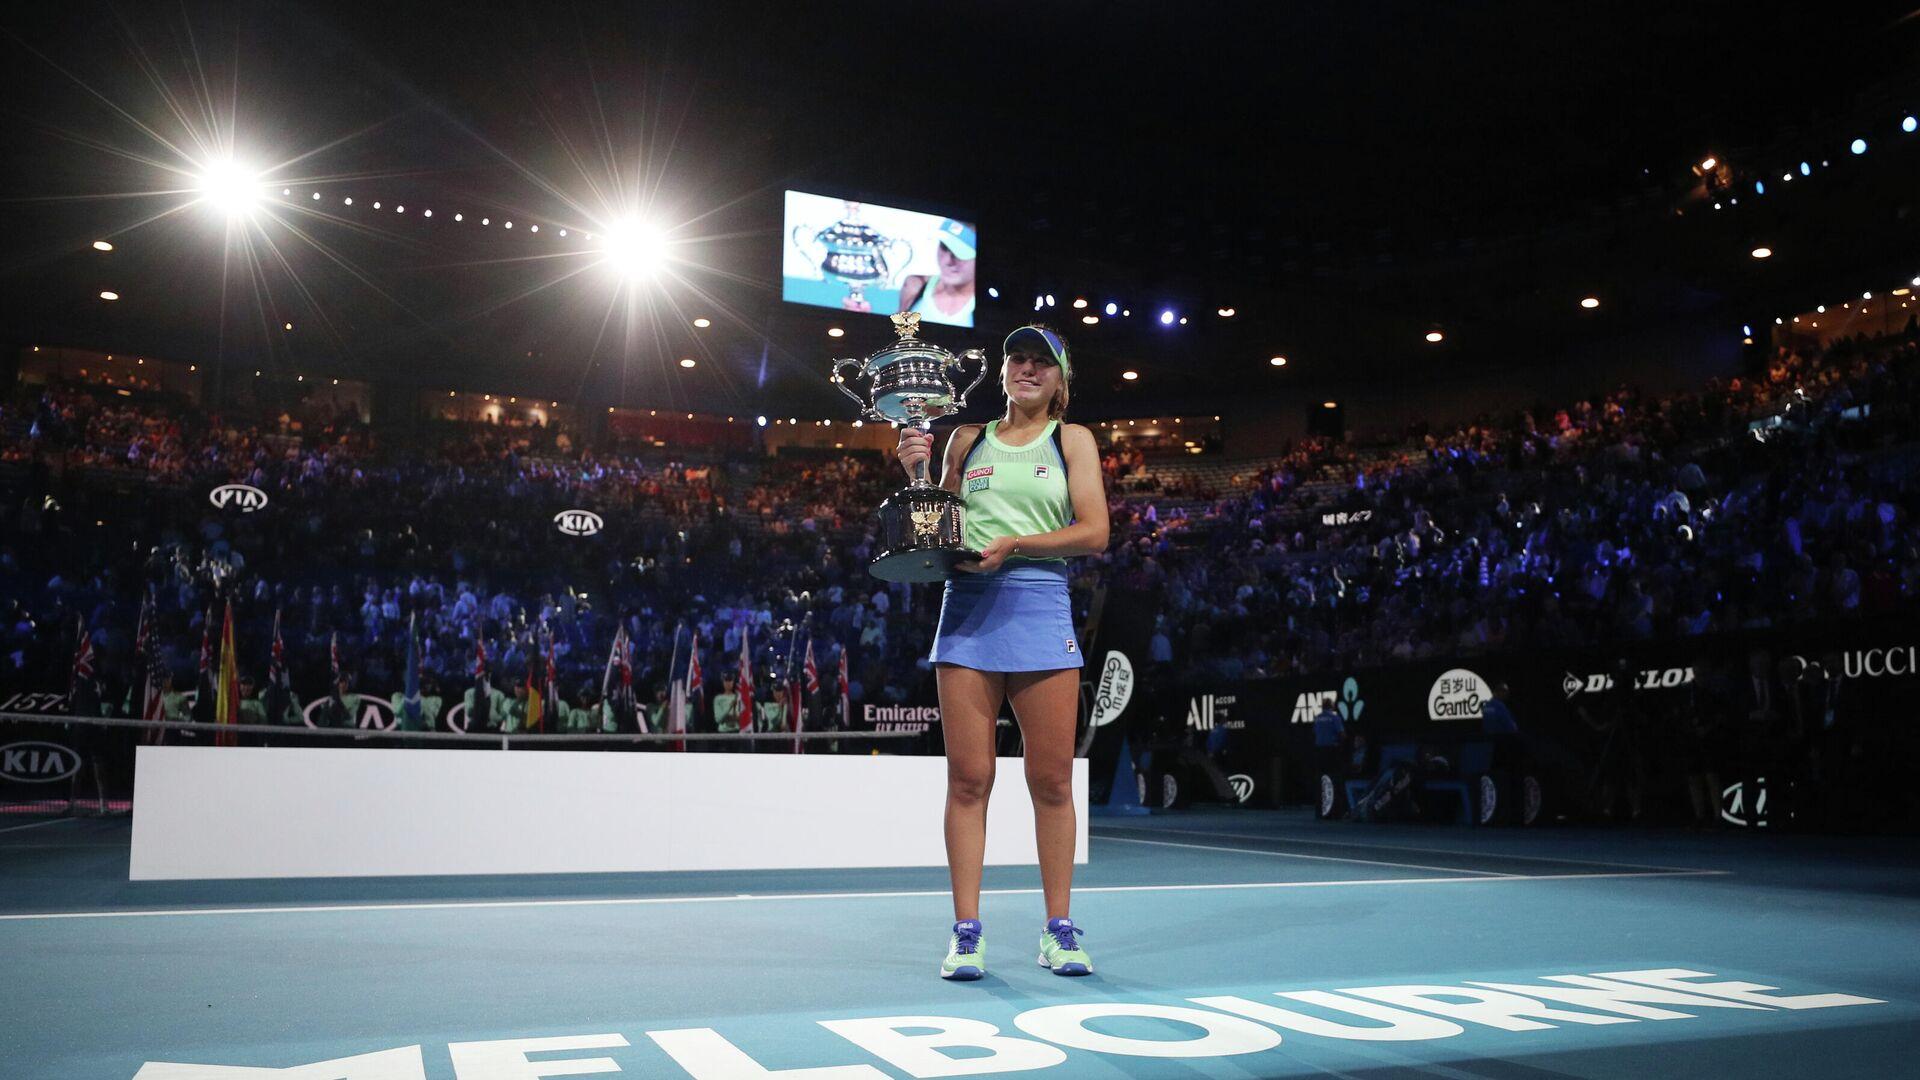 София Кенин после победы на Australian Open - РИА Новости, 1920, 08.12.2020